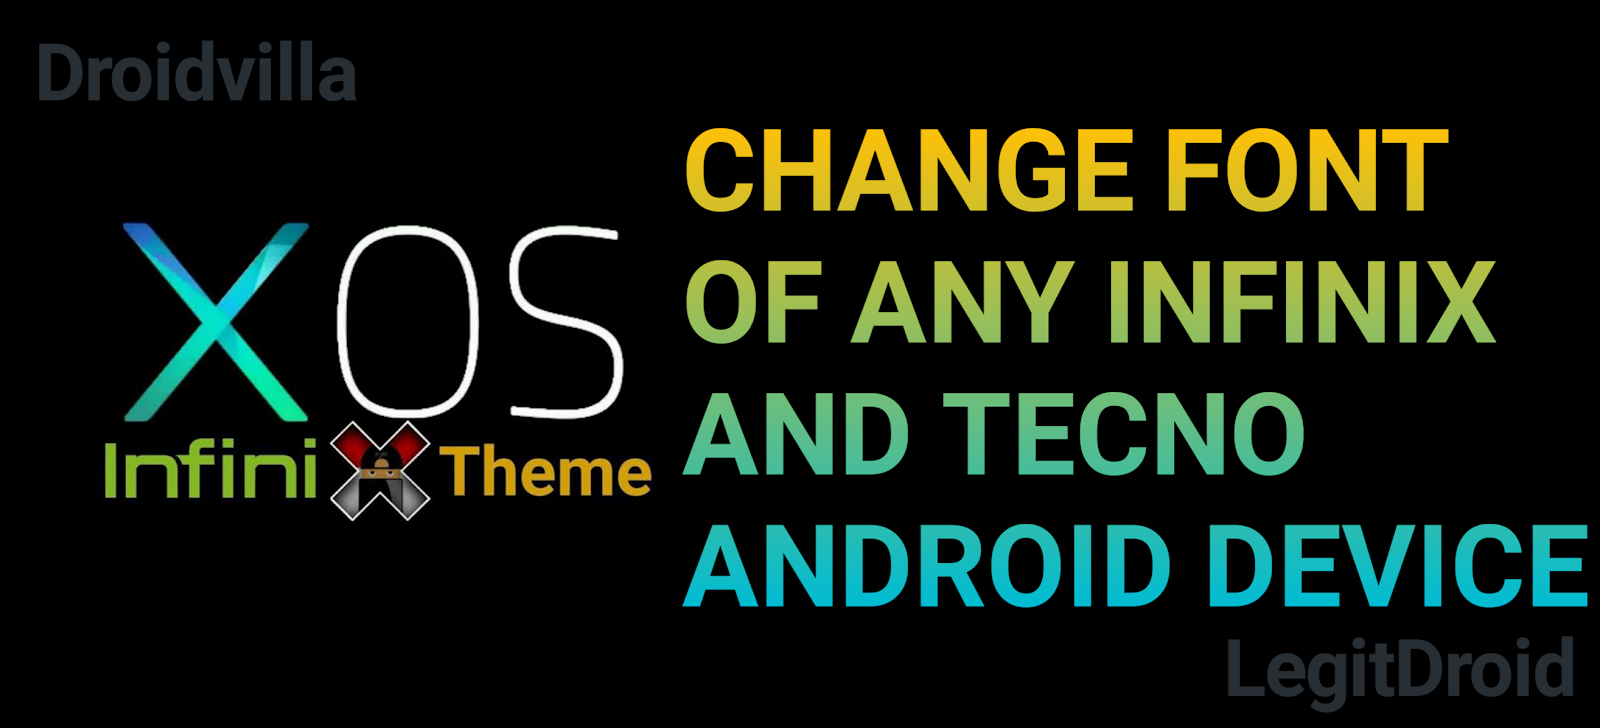 Infinix font tecno change